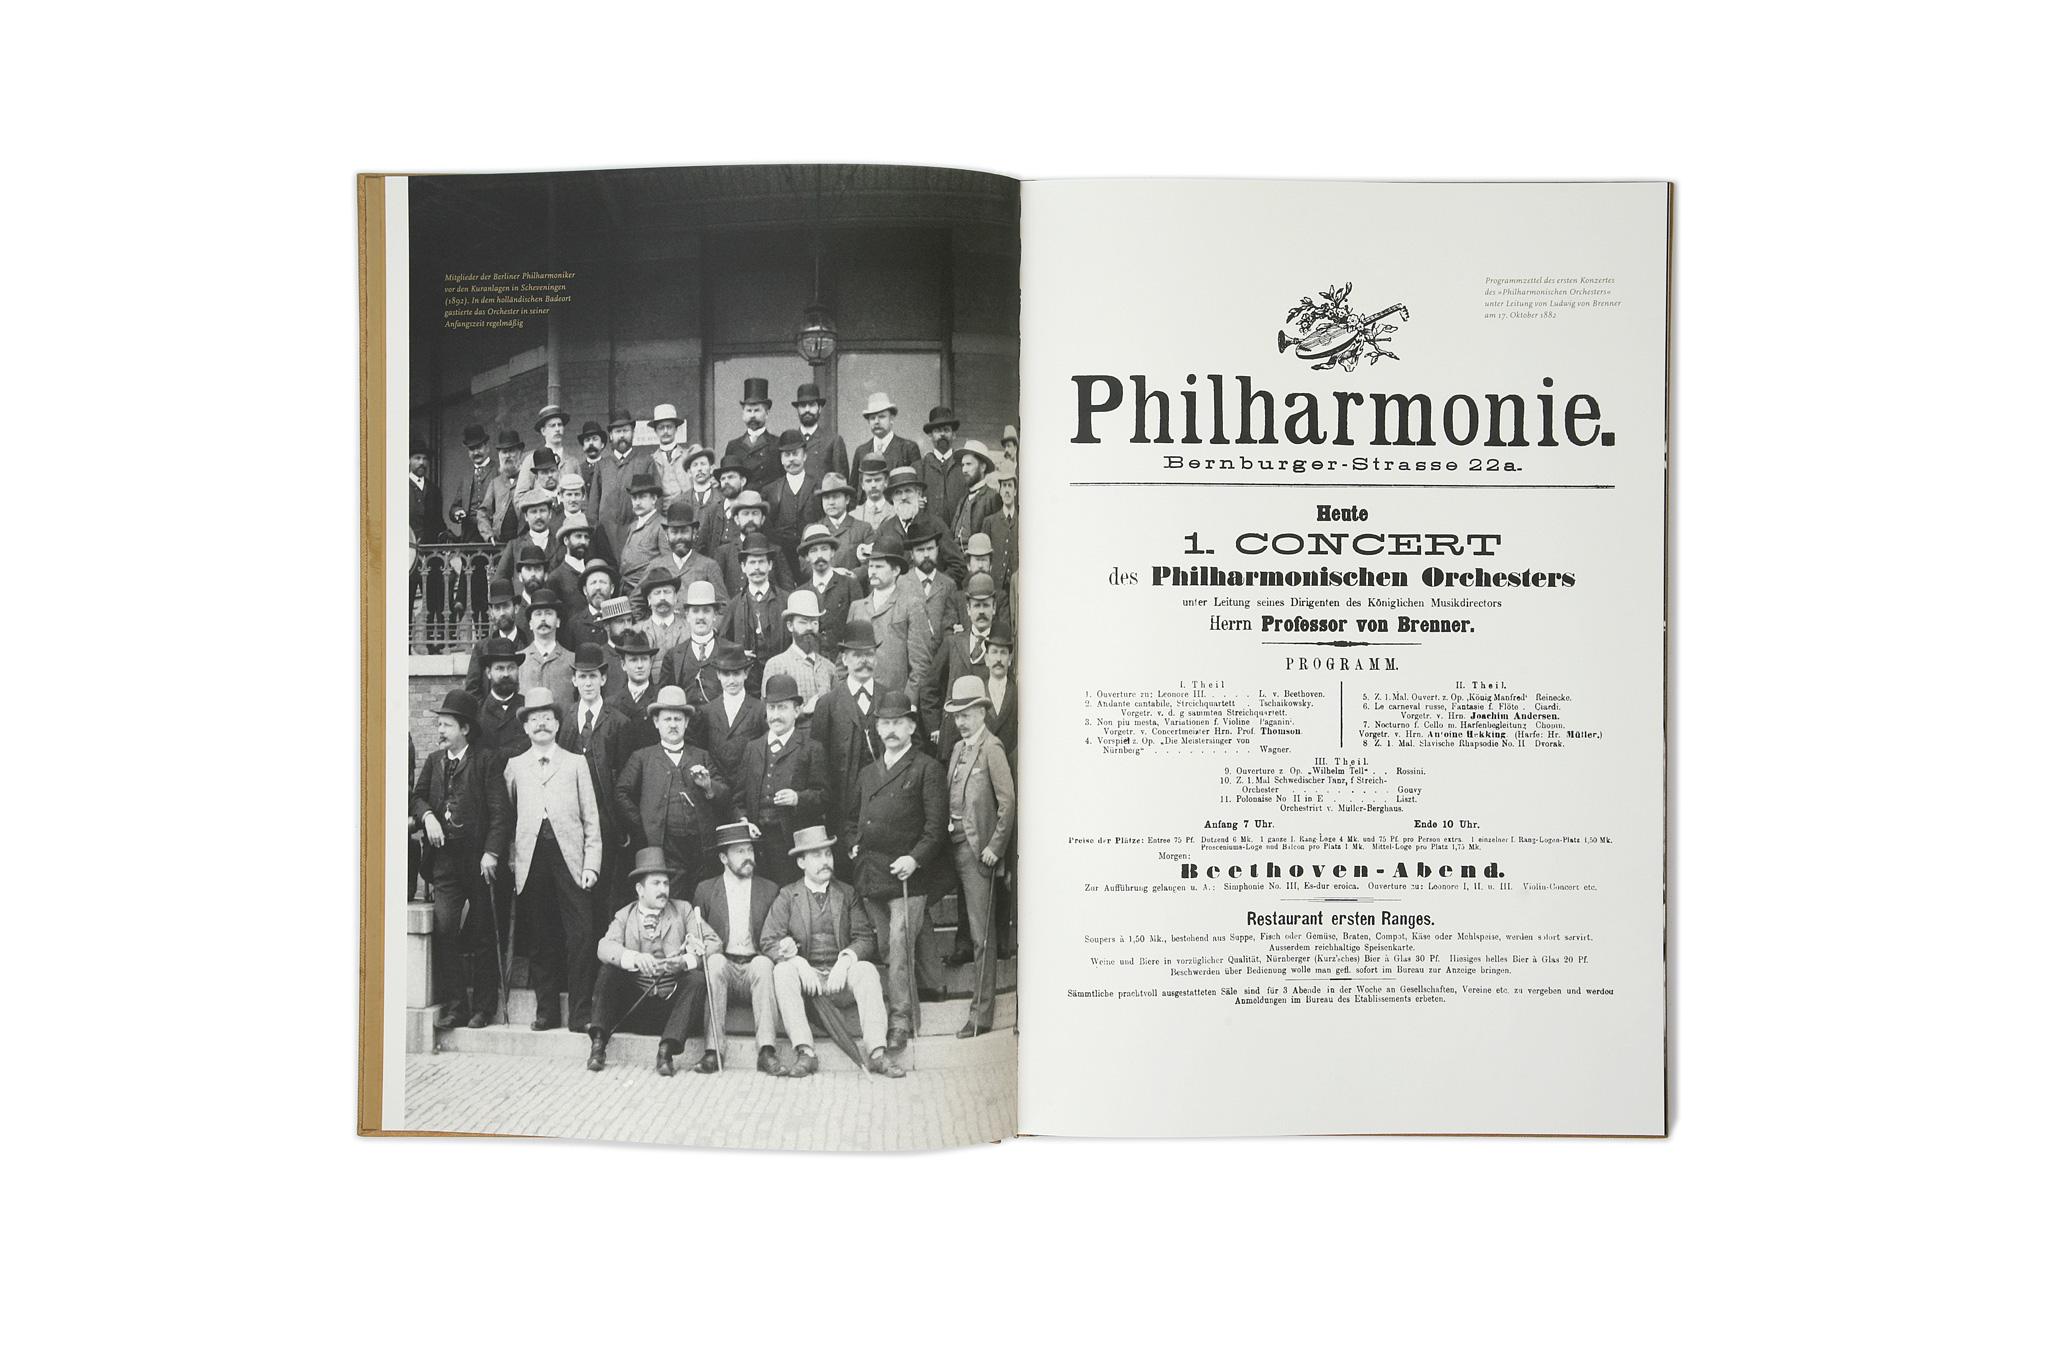 Berliner philharmoniker im takt der zeit morgen berlin